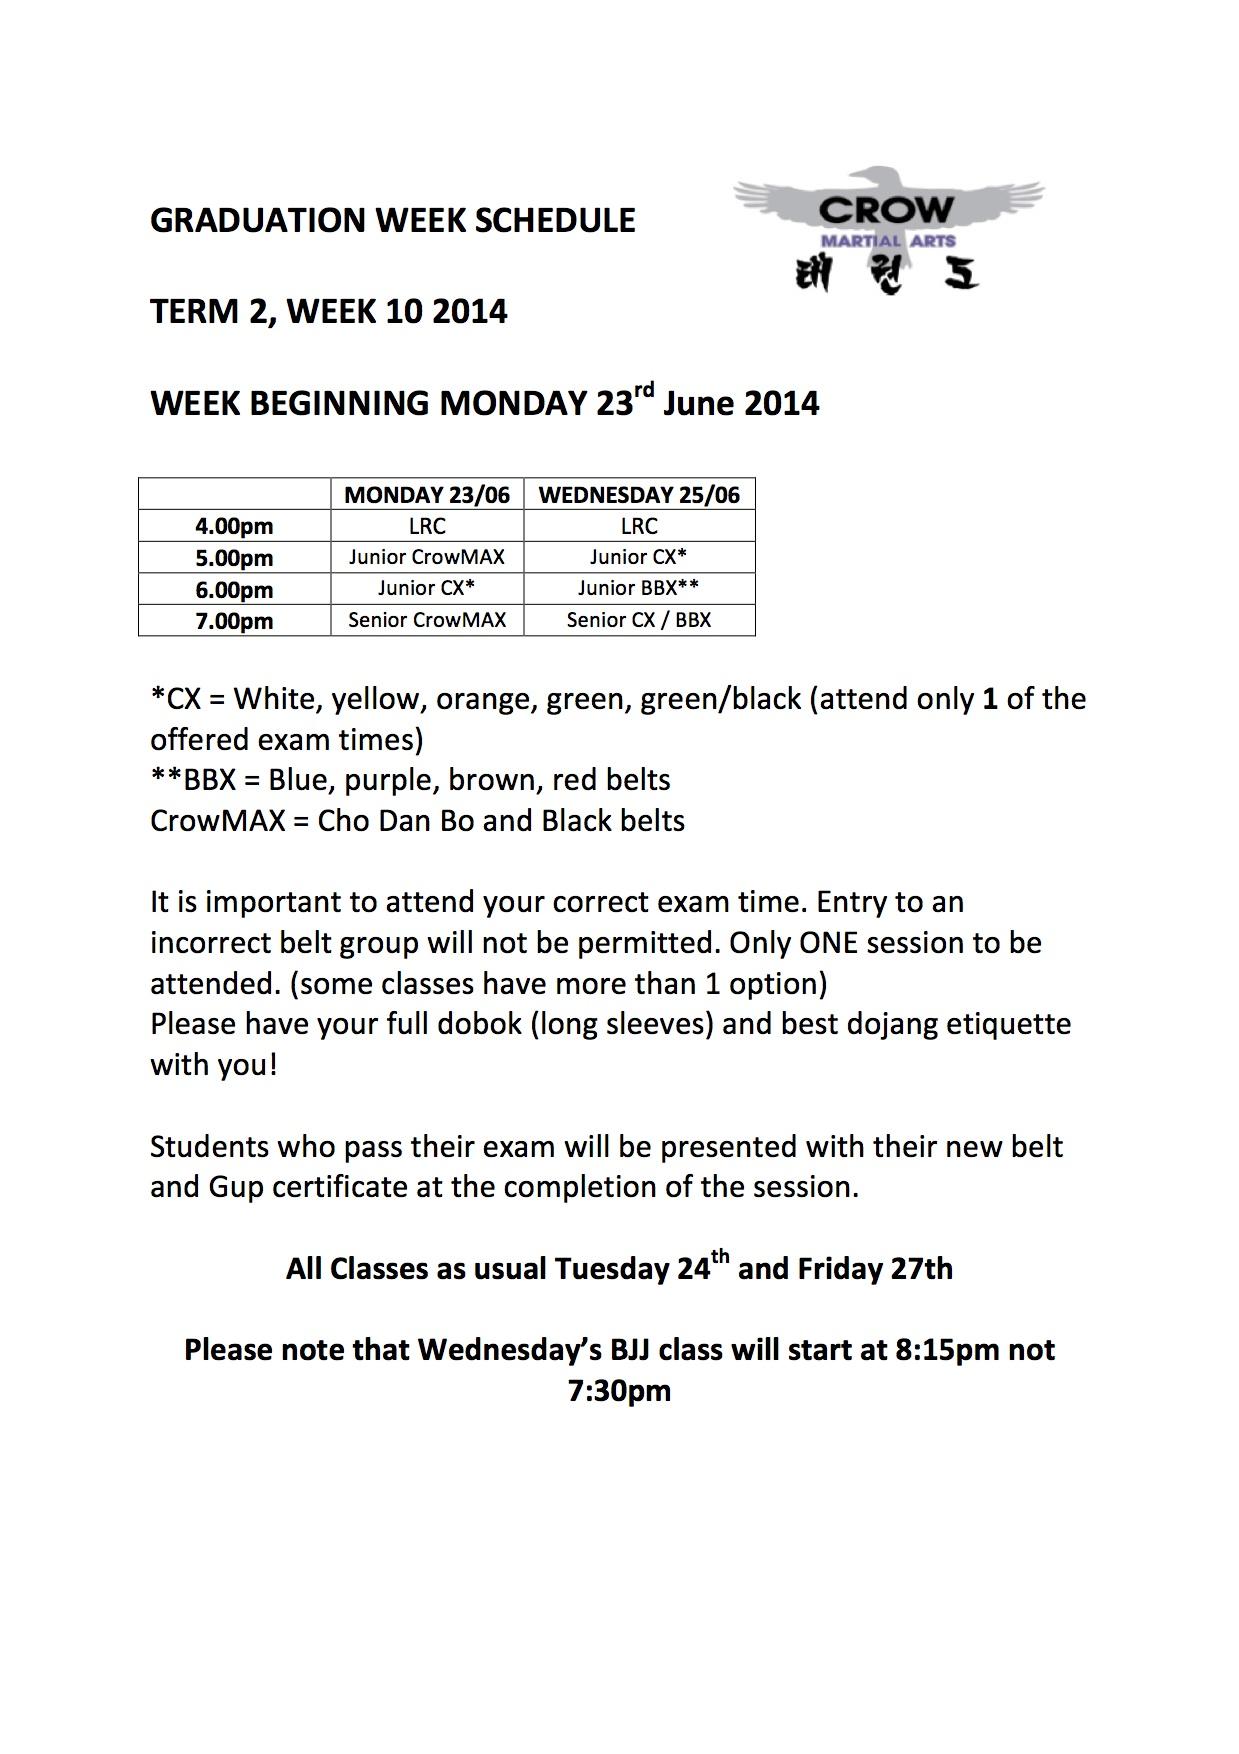 Graduation week schedule Term 2 - 2014